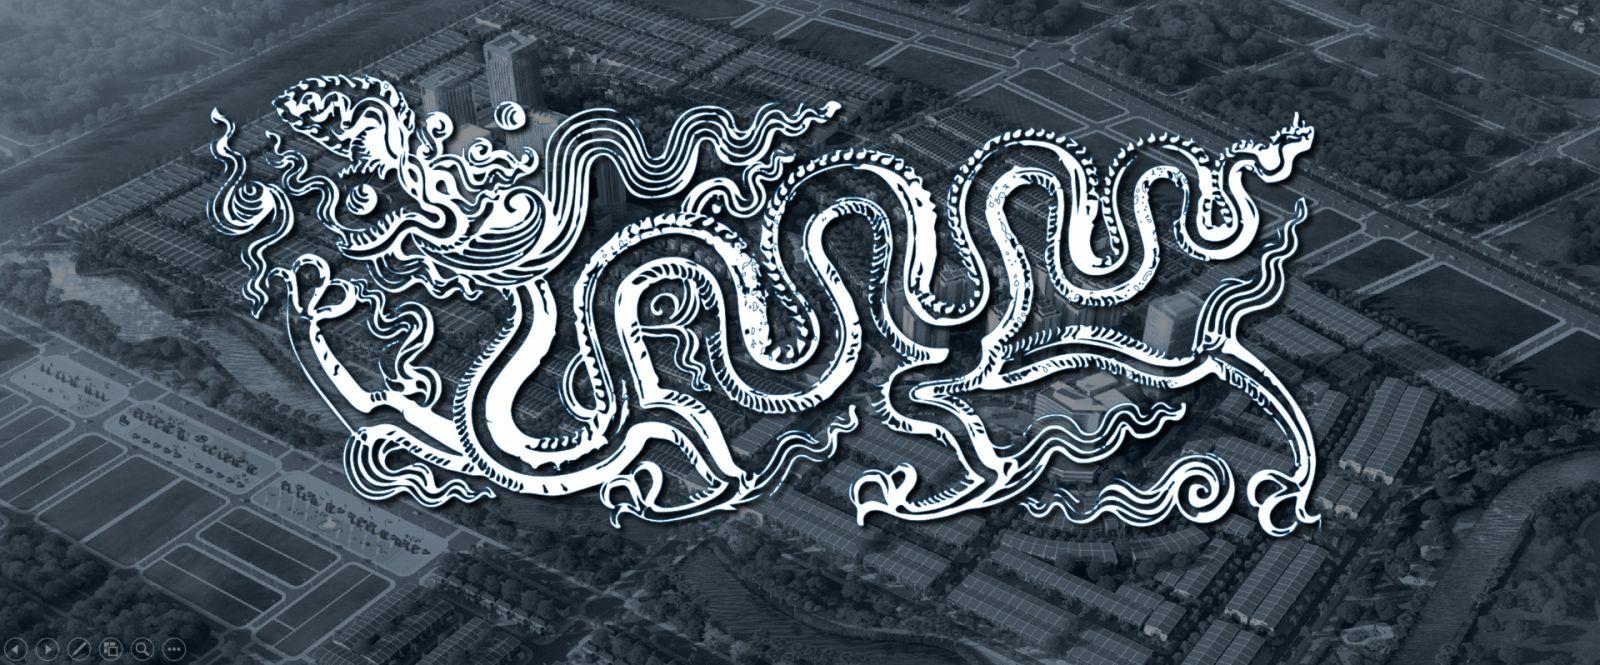 đất nền dragon smart city thế long chầu